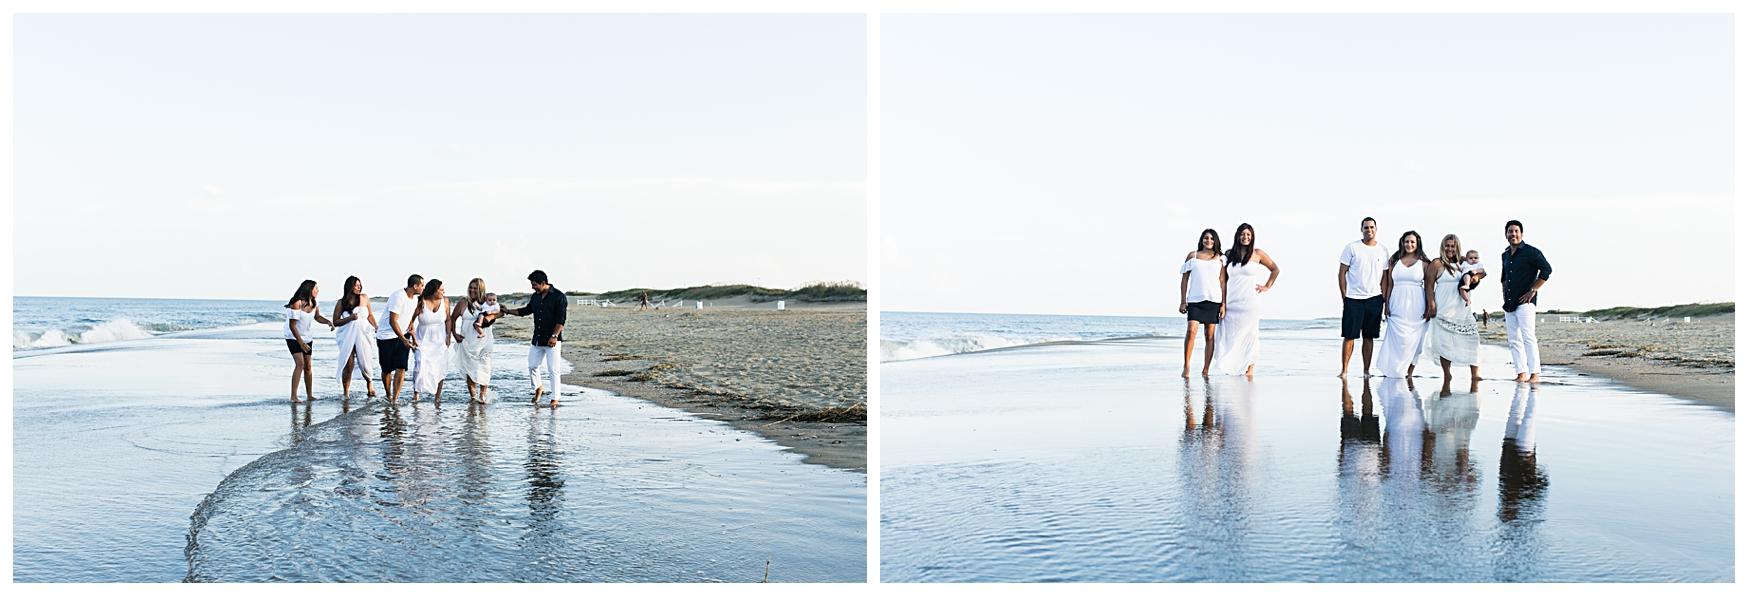 2015-09-15_0009.jpg